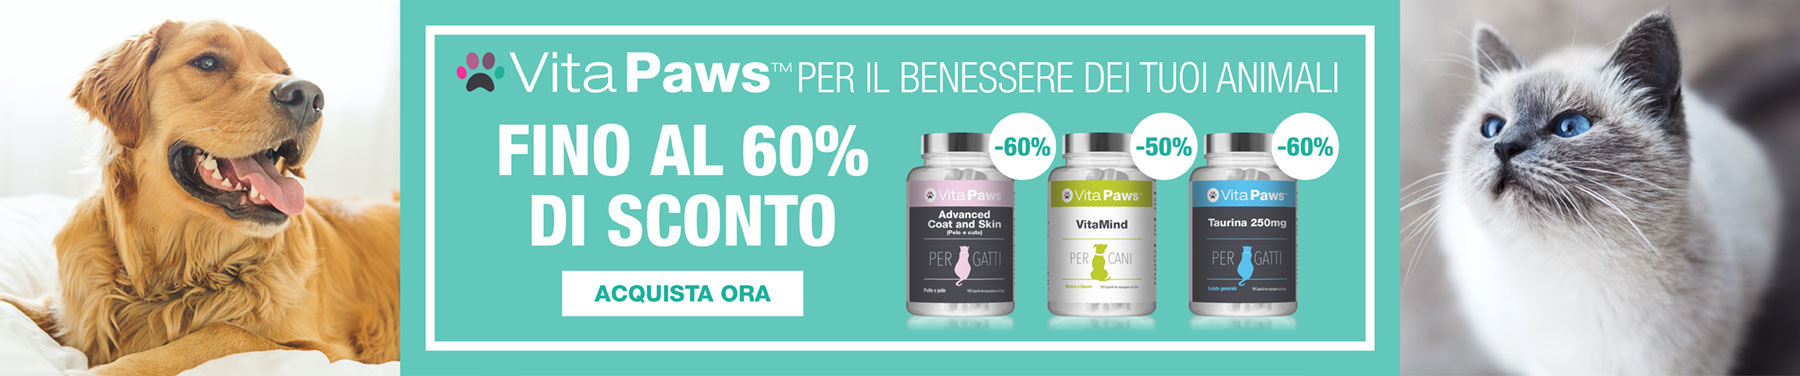 VitaPaws - Per il benessere dei tuoi animali - Fino al 60% di sconto